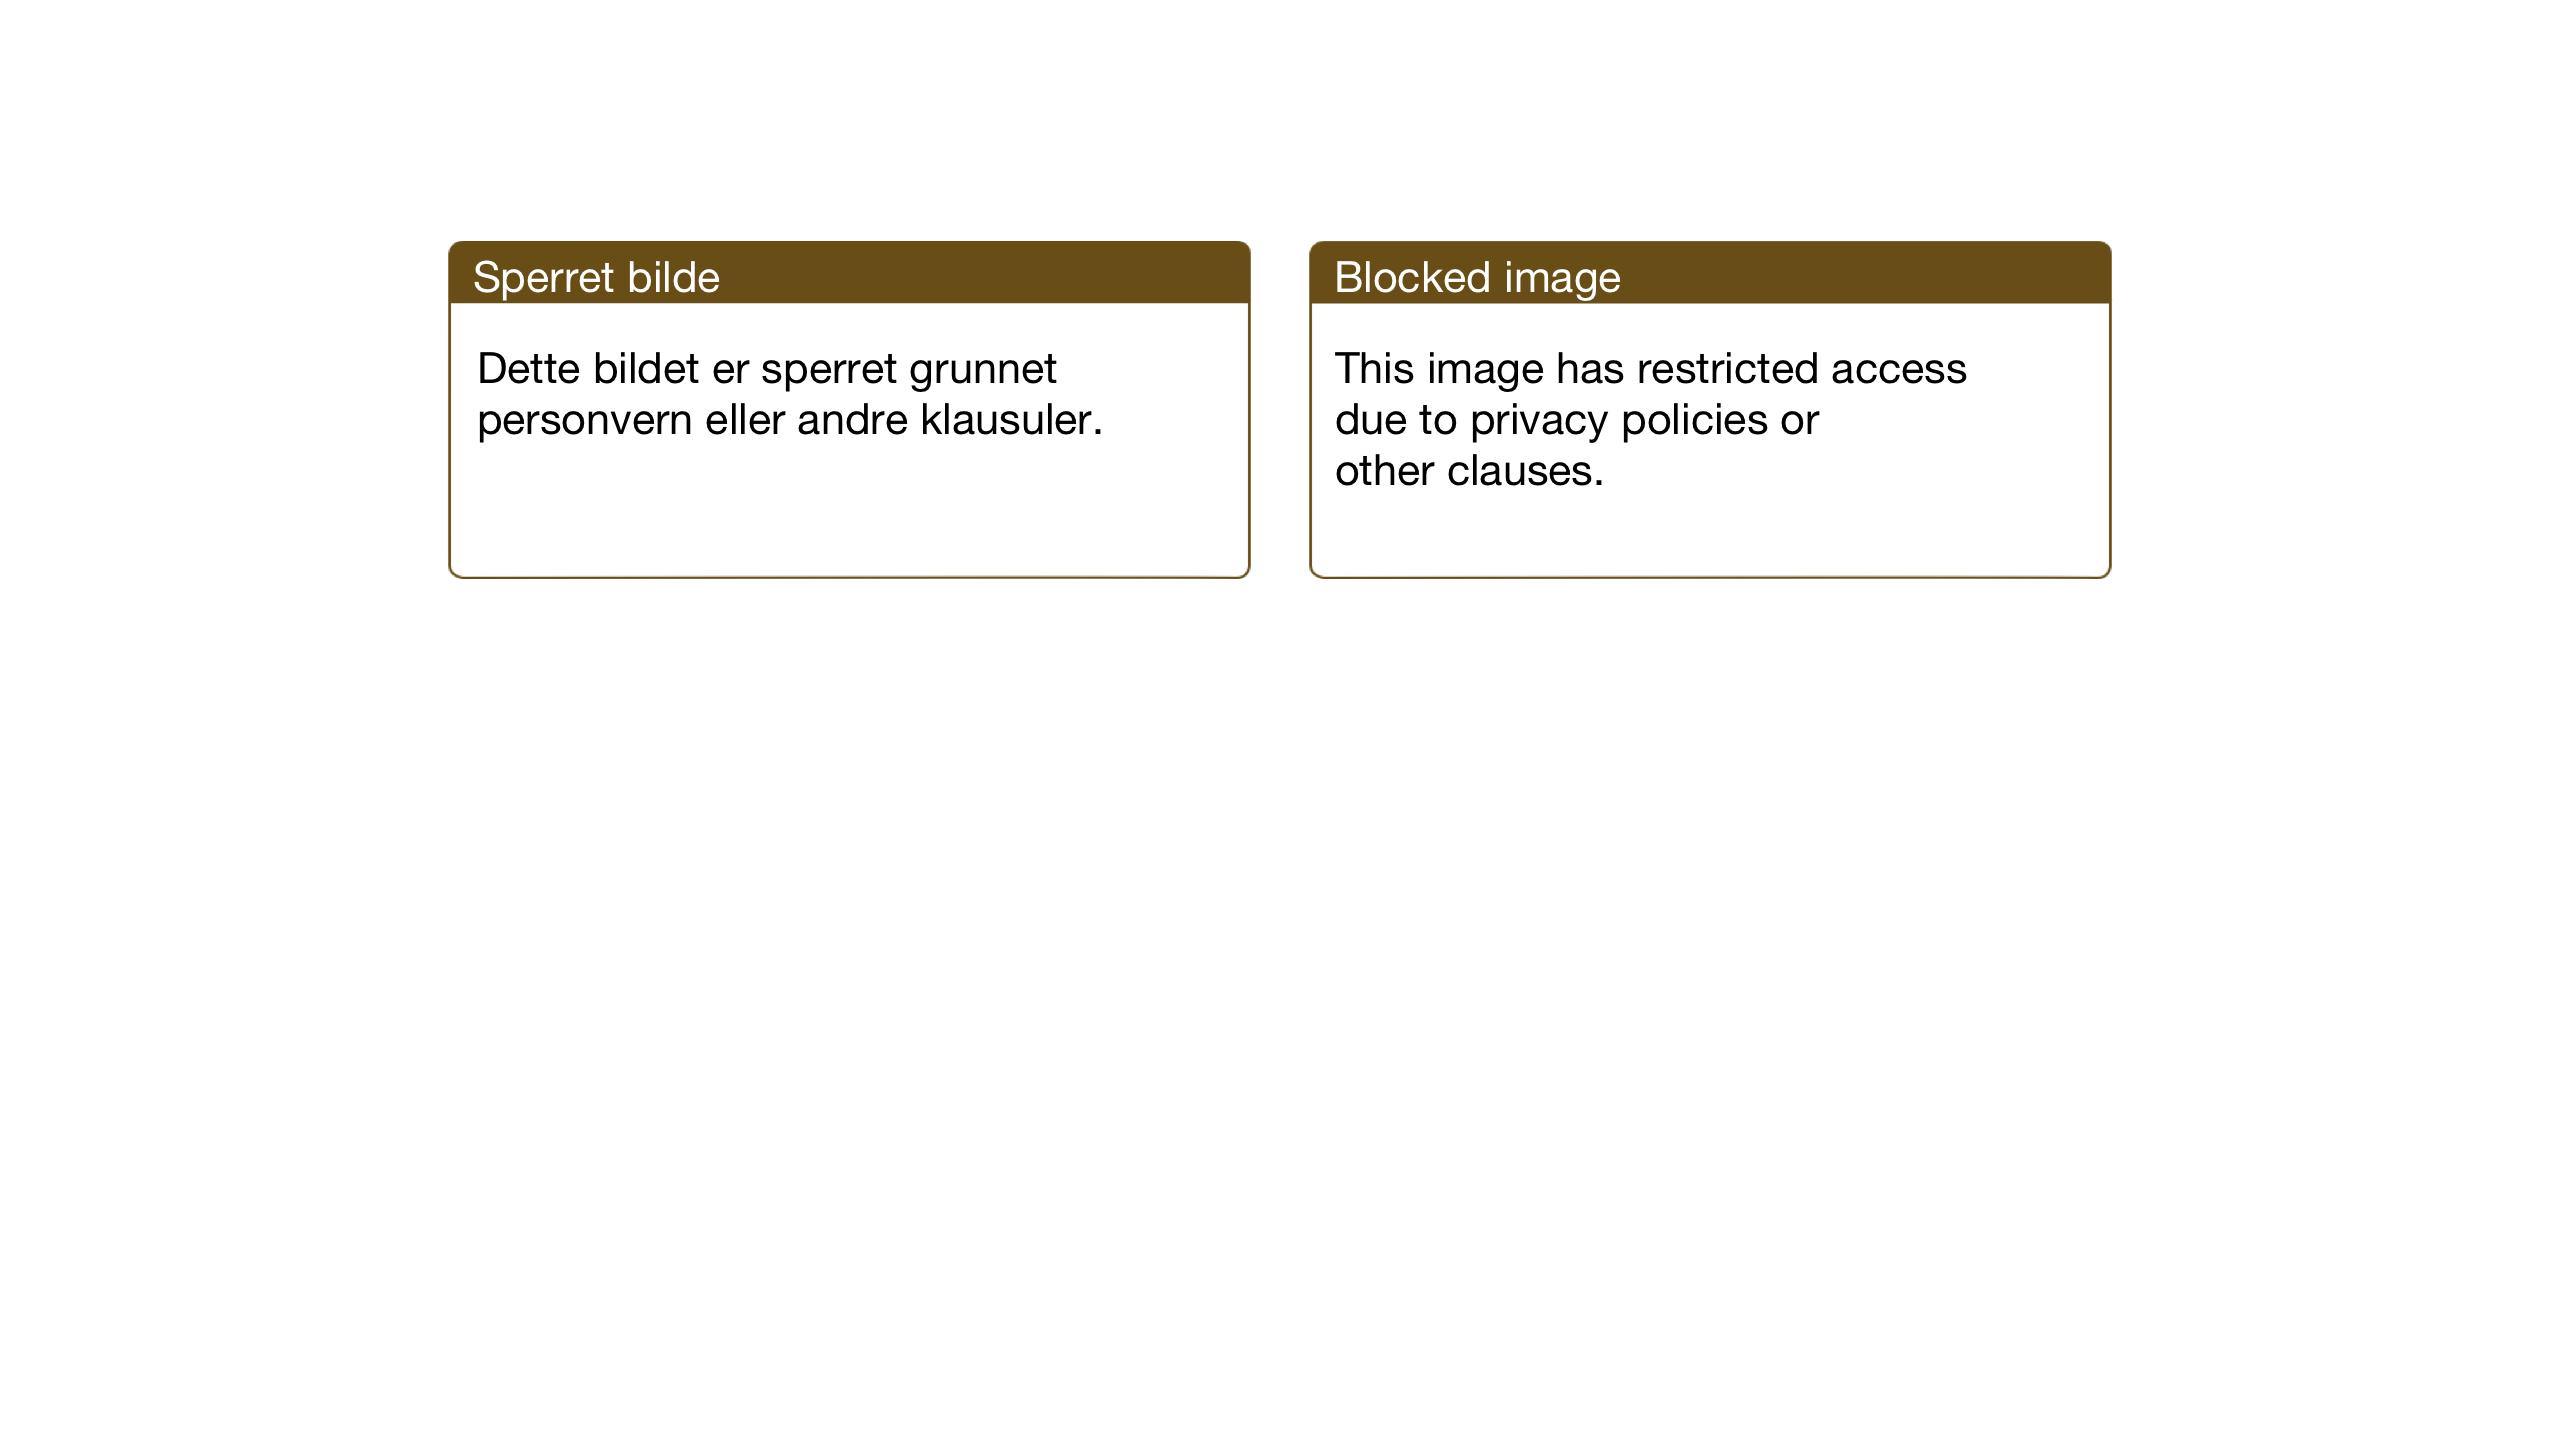 SAT, Ministerialprotokoller, klokkerbøker og fødselsregistre - Nord-Trøndelag, 714/L0136: Klokkerbok nr. 714C05, 1918-1957, s. 58